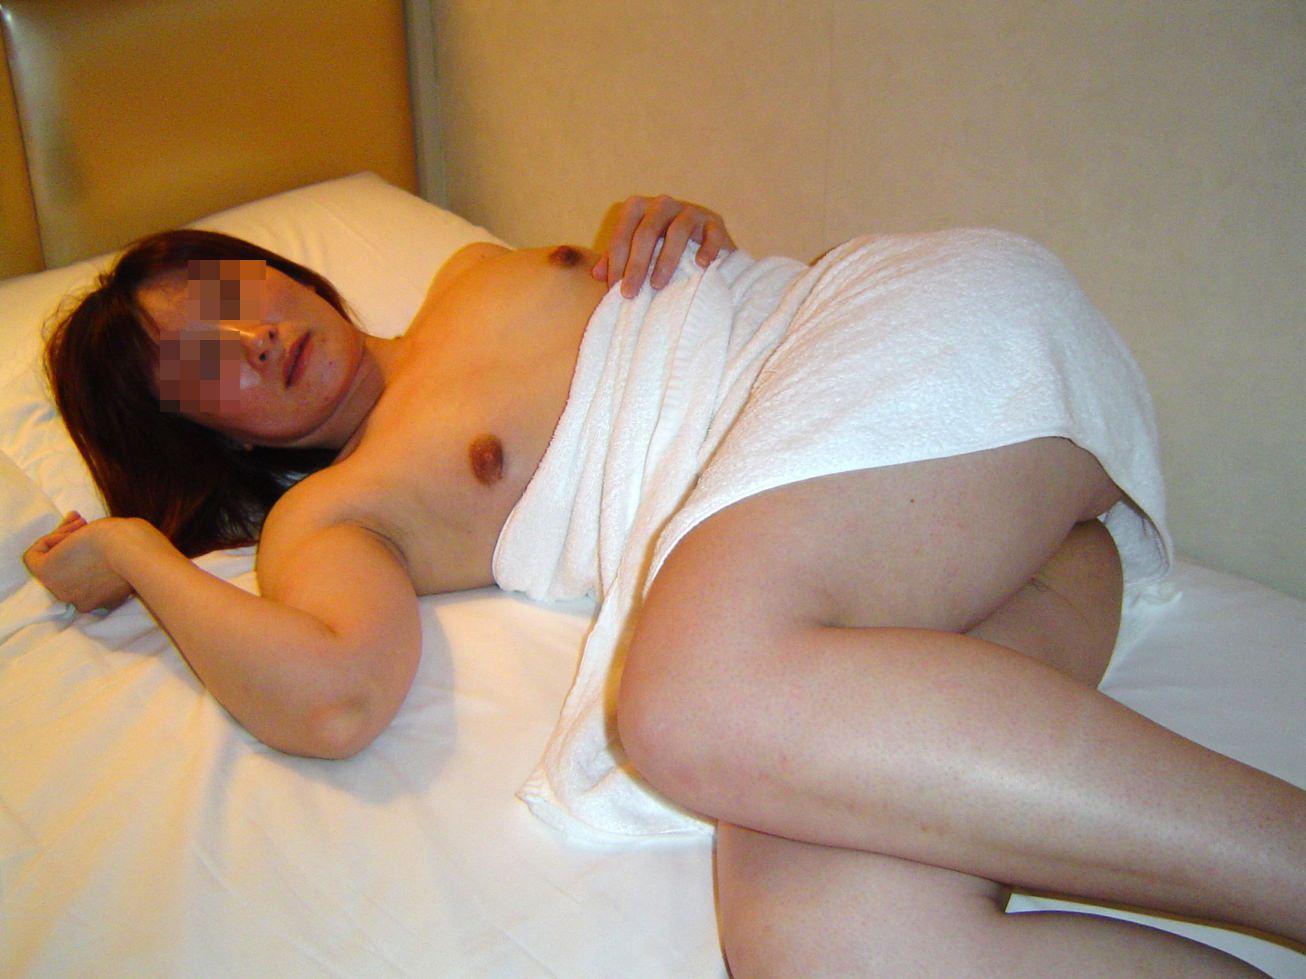 くびれが無くておっぱいが垂れてるムッチリ熟女がエッチ過ぎる人妻エロ画像 965